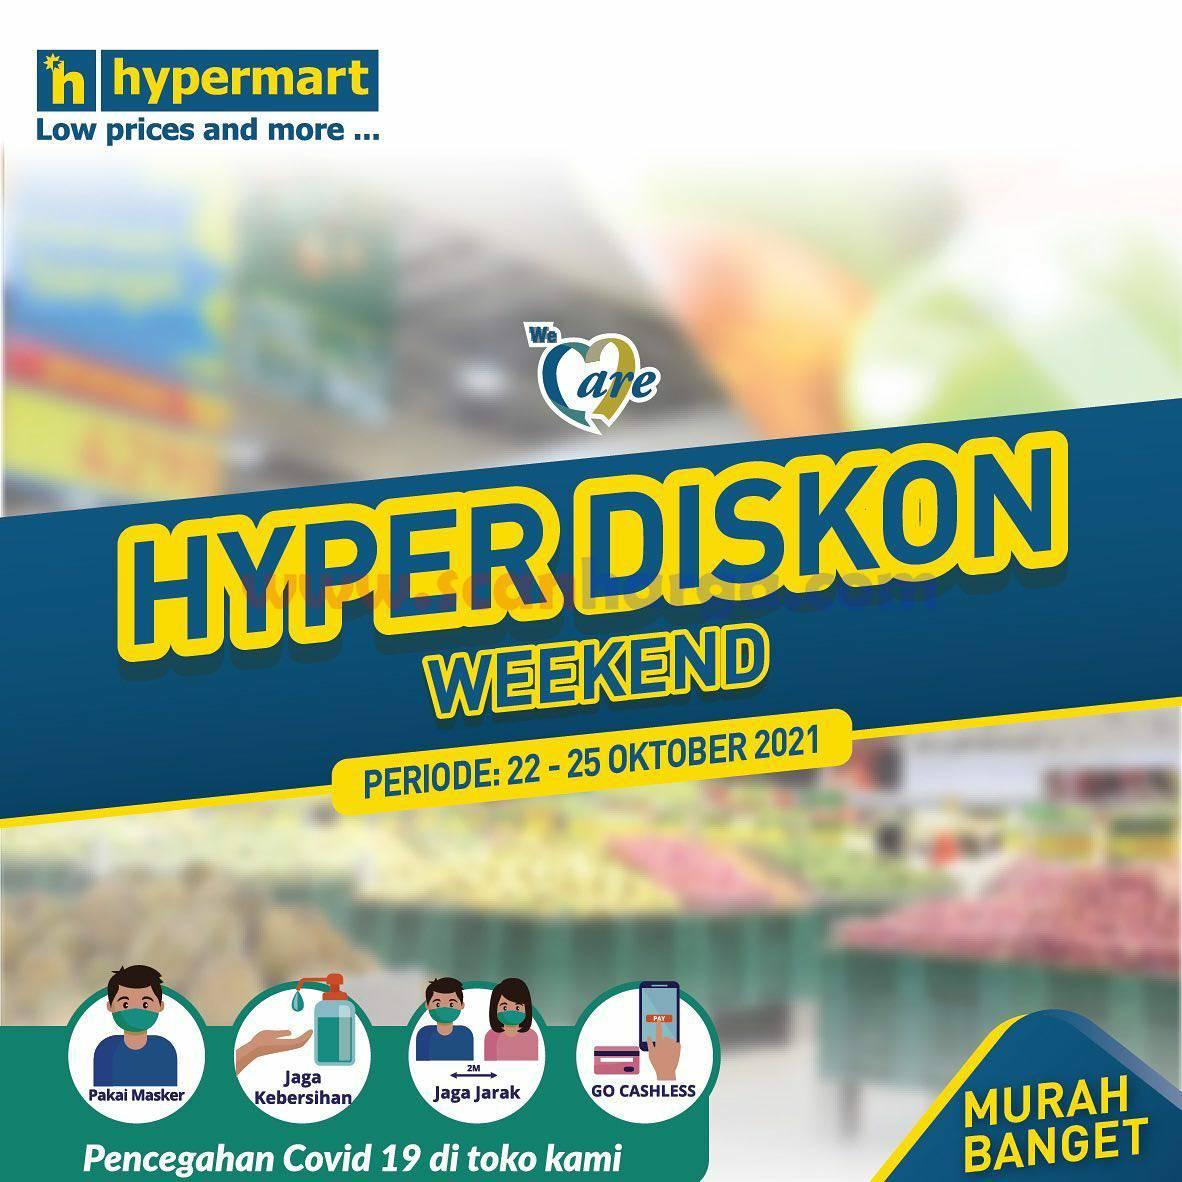 Promo Hypermart Weekend Terbaru 22 - 25 Oktober 2021 1